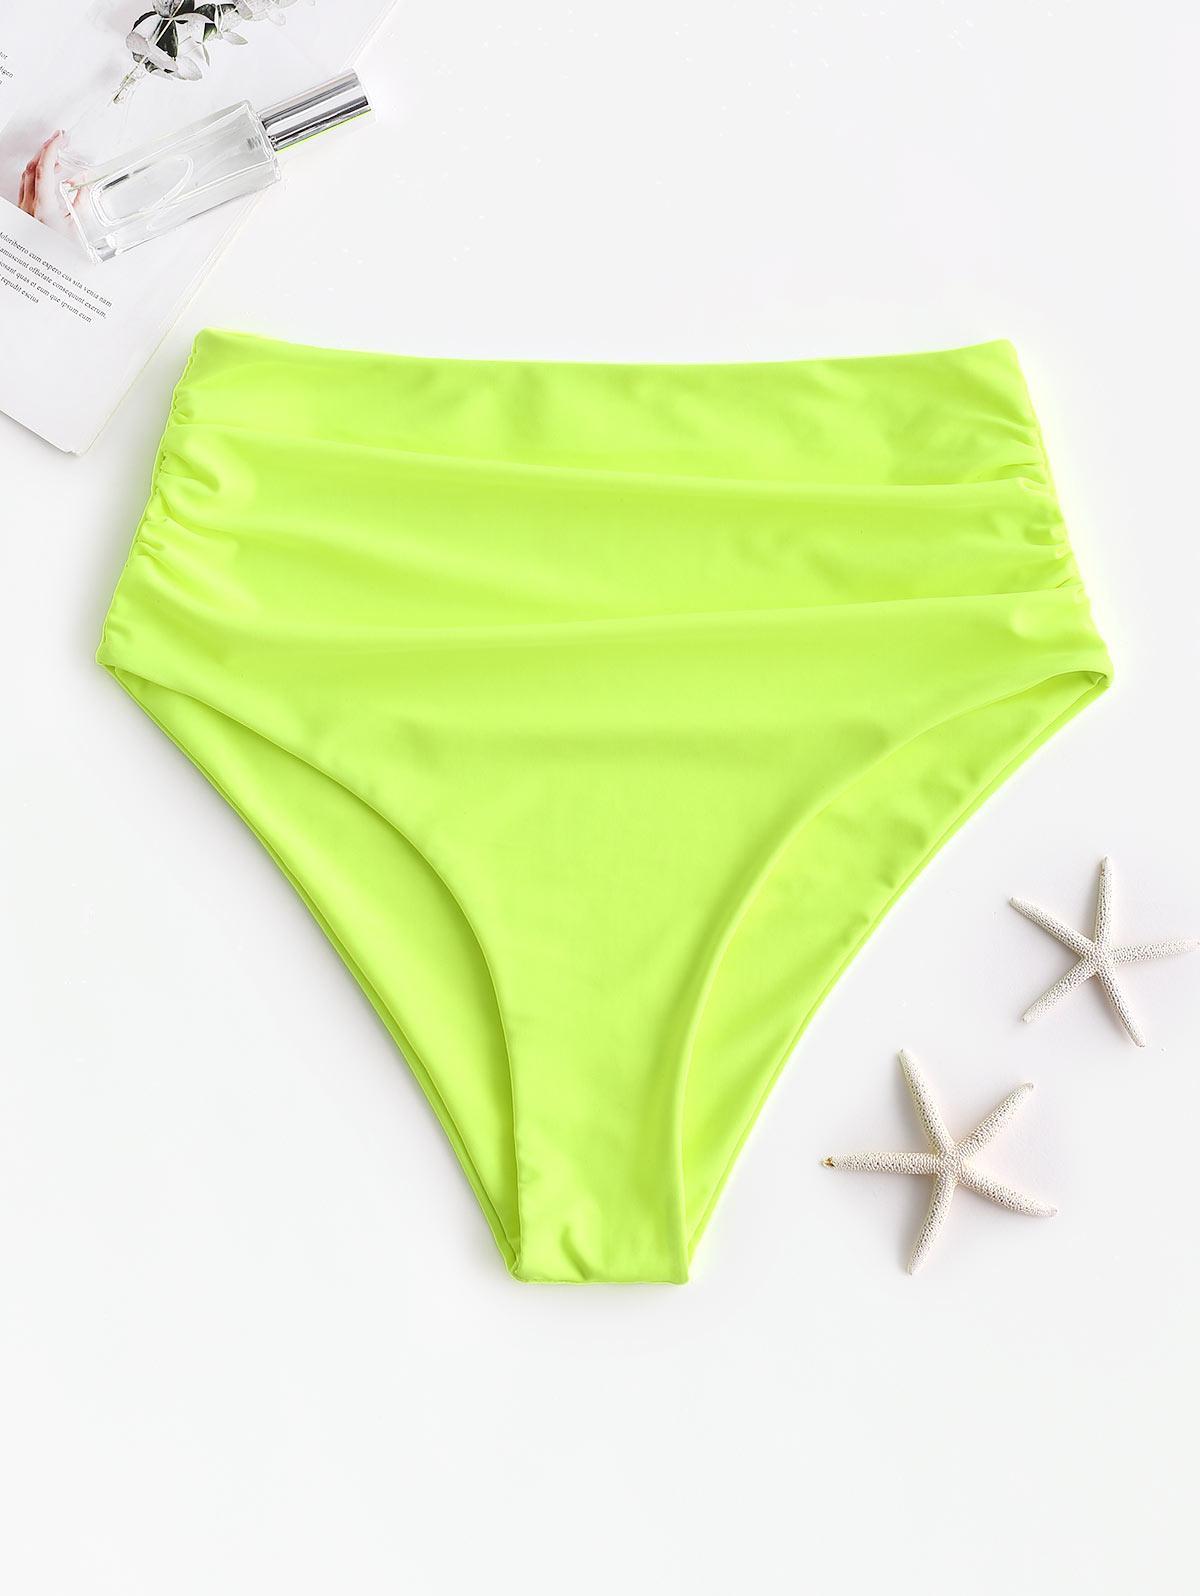 ZAFUL High Waisted Tummy Control Bikini Bottom фото